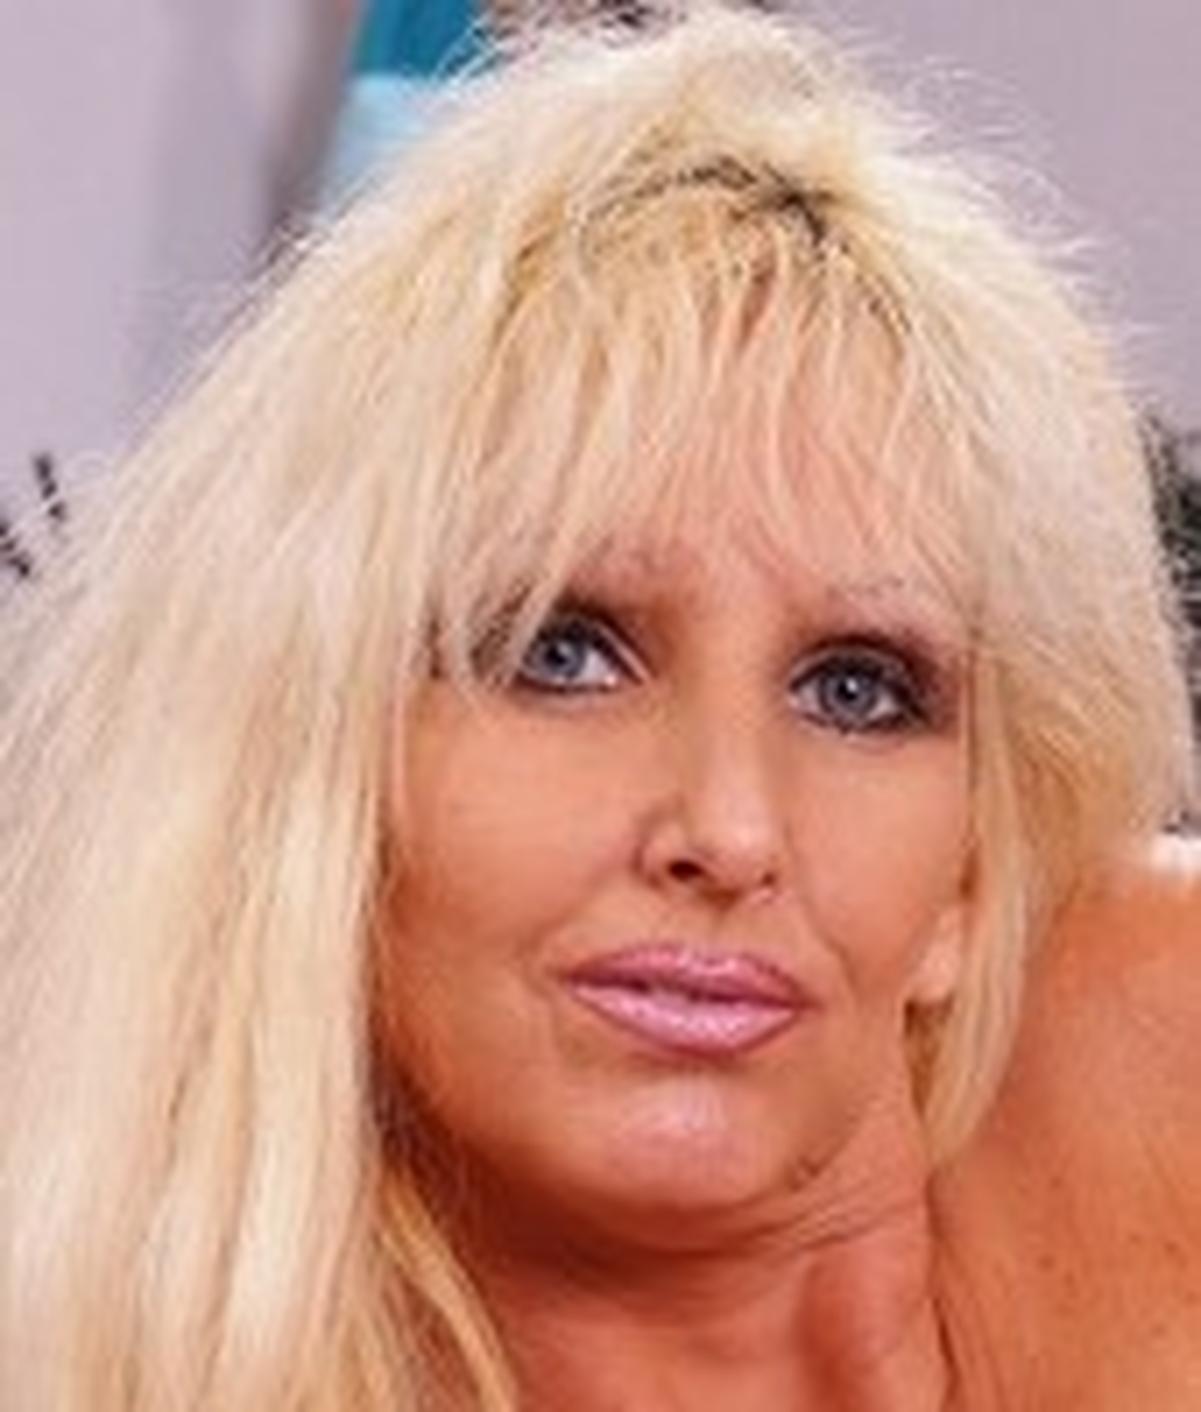 Jenny baxter porn